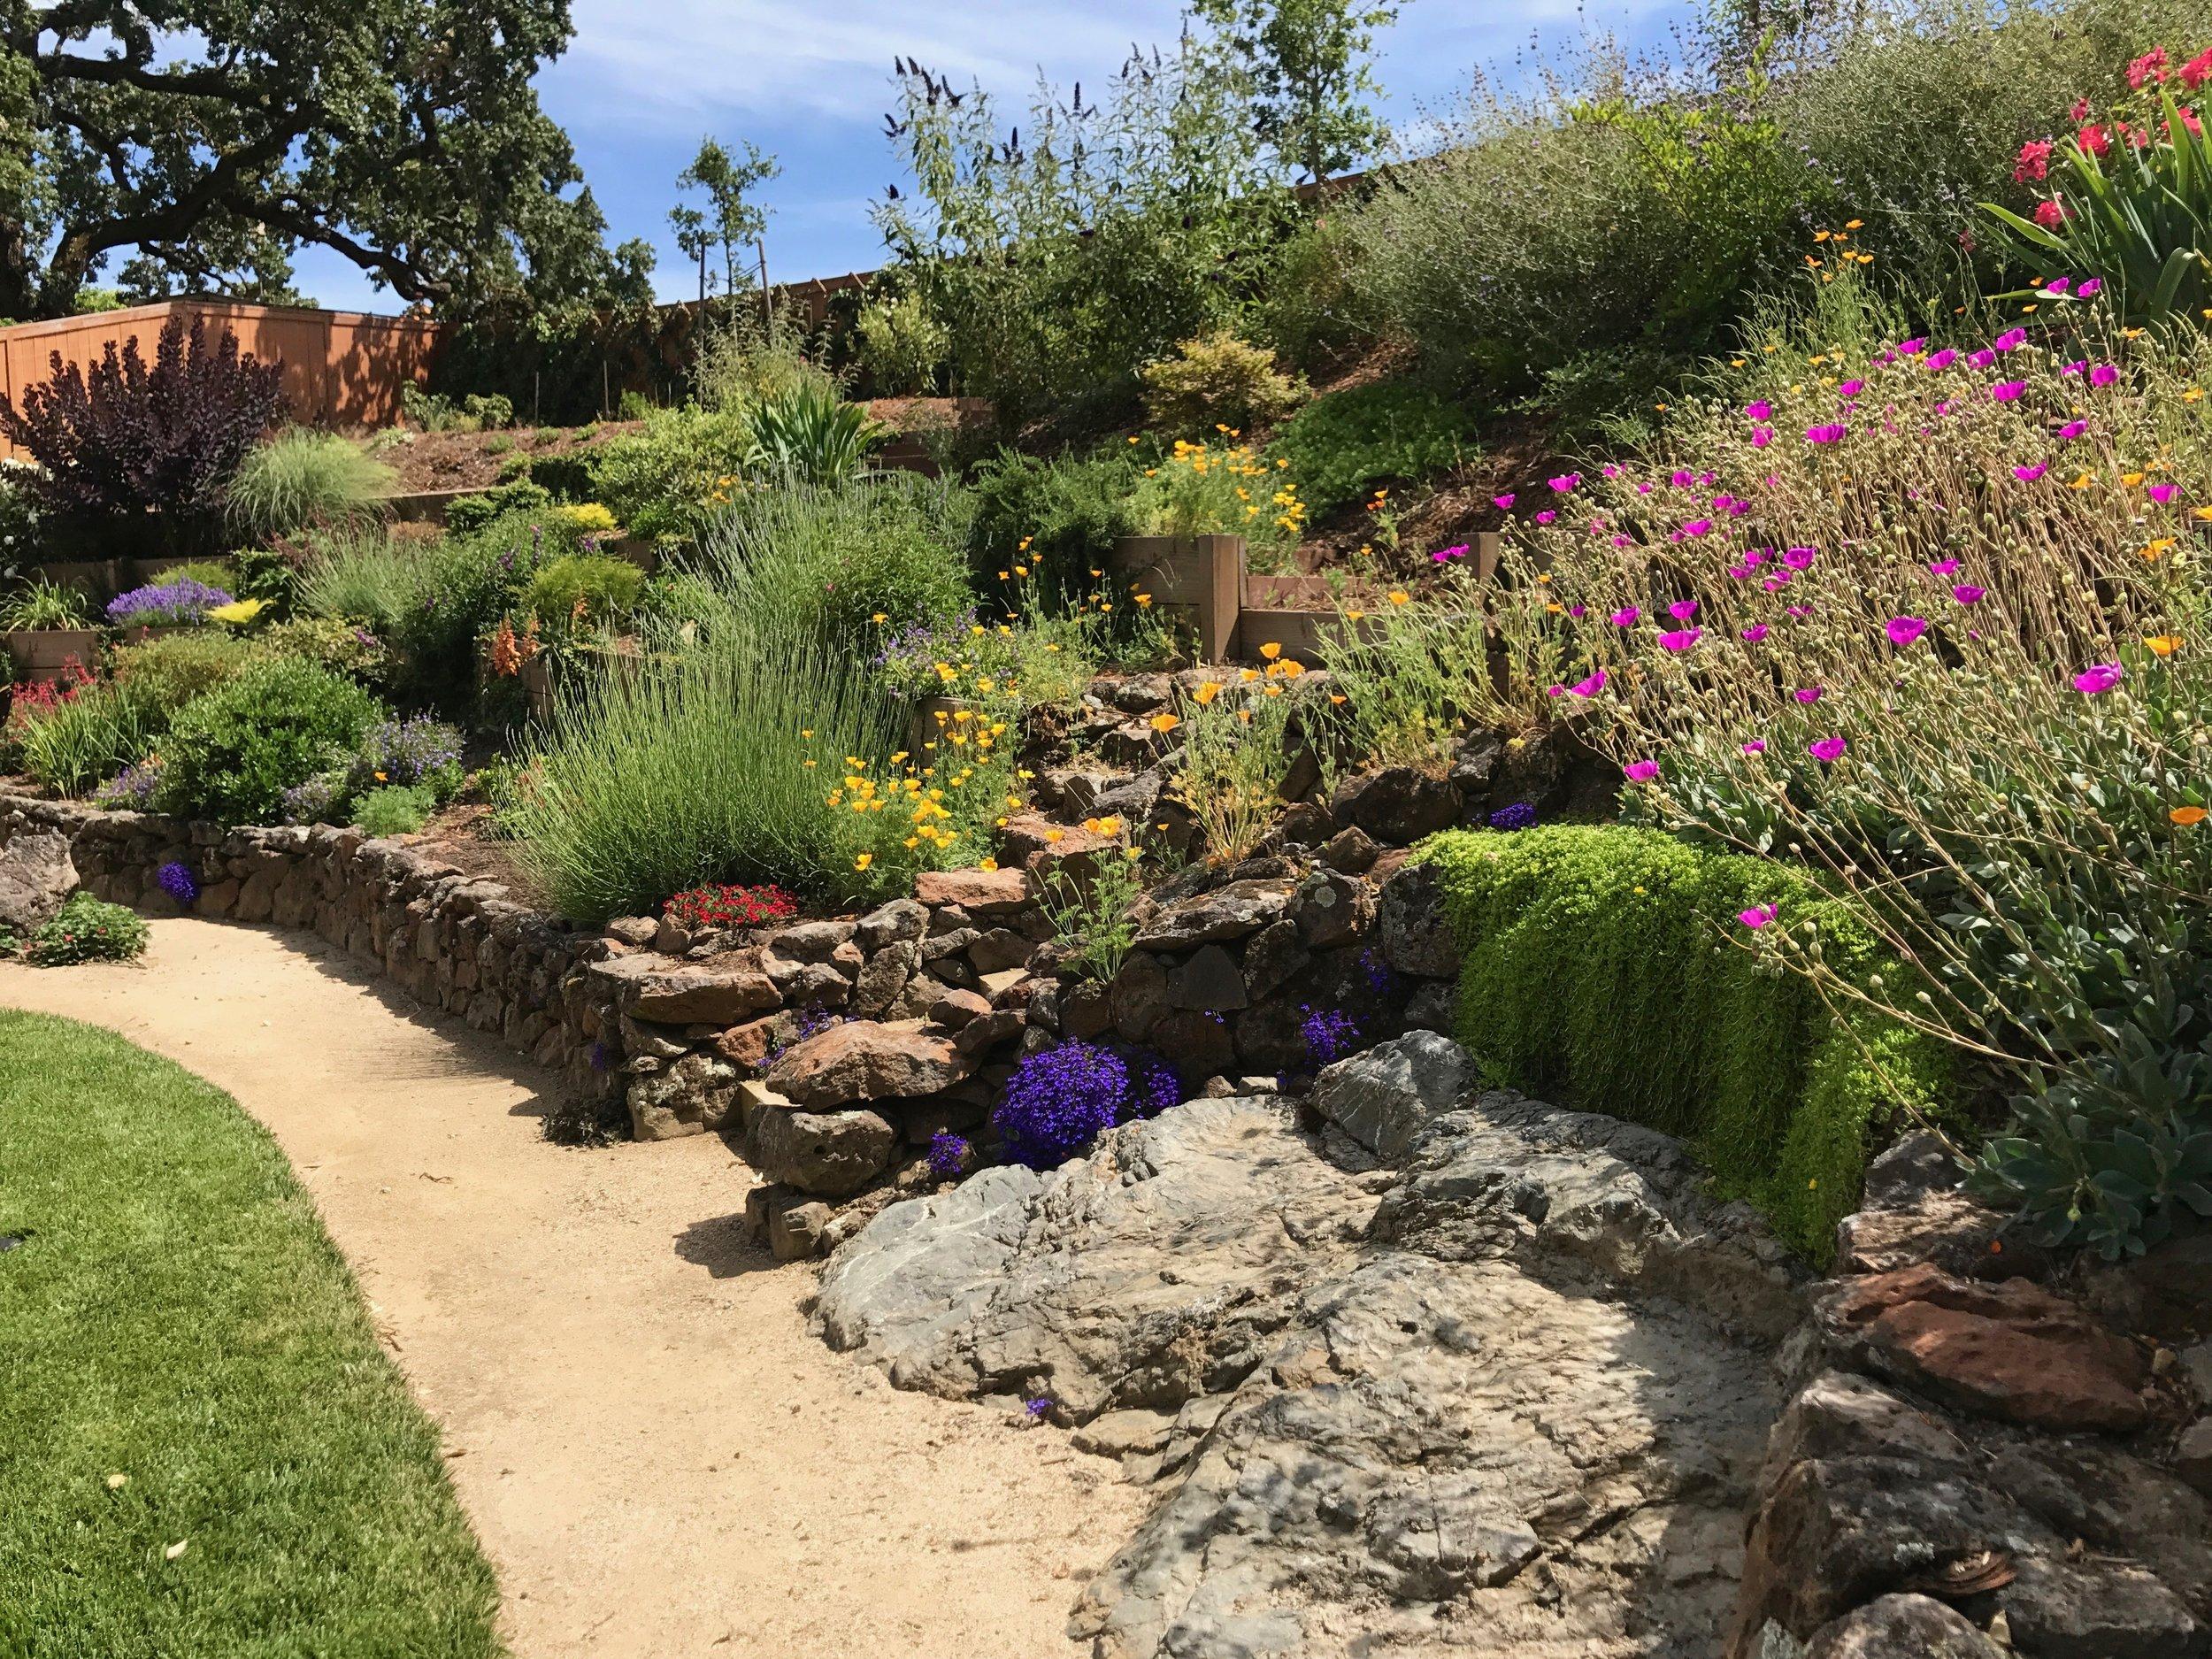 A Florist's Dream Garden